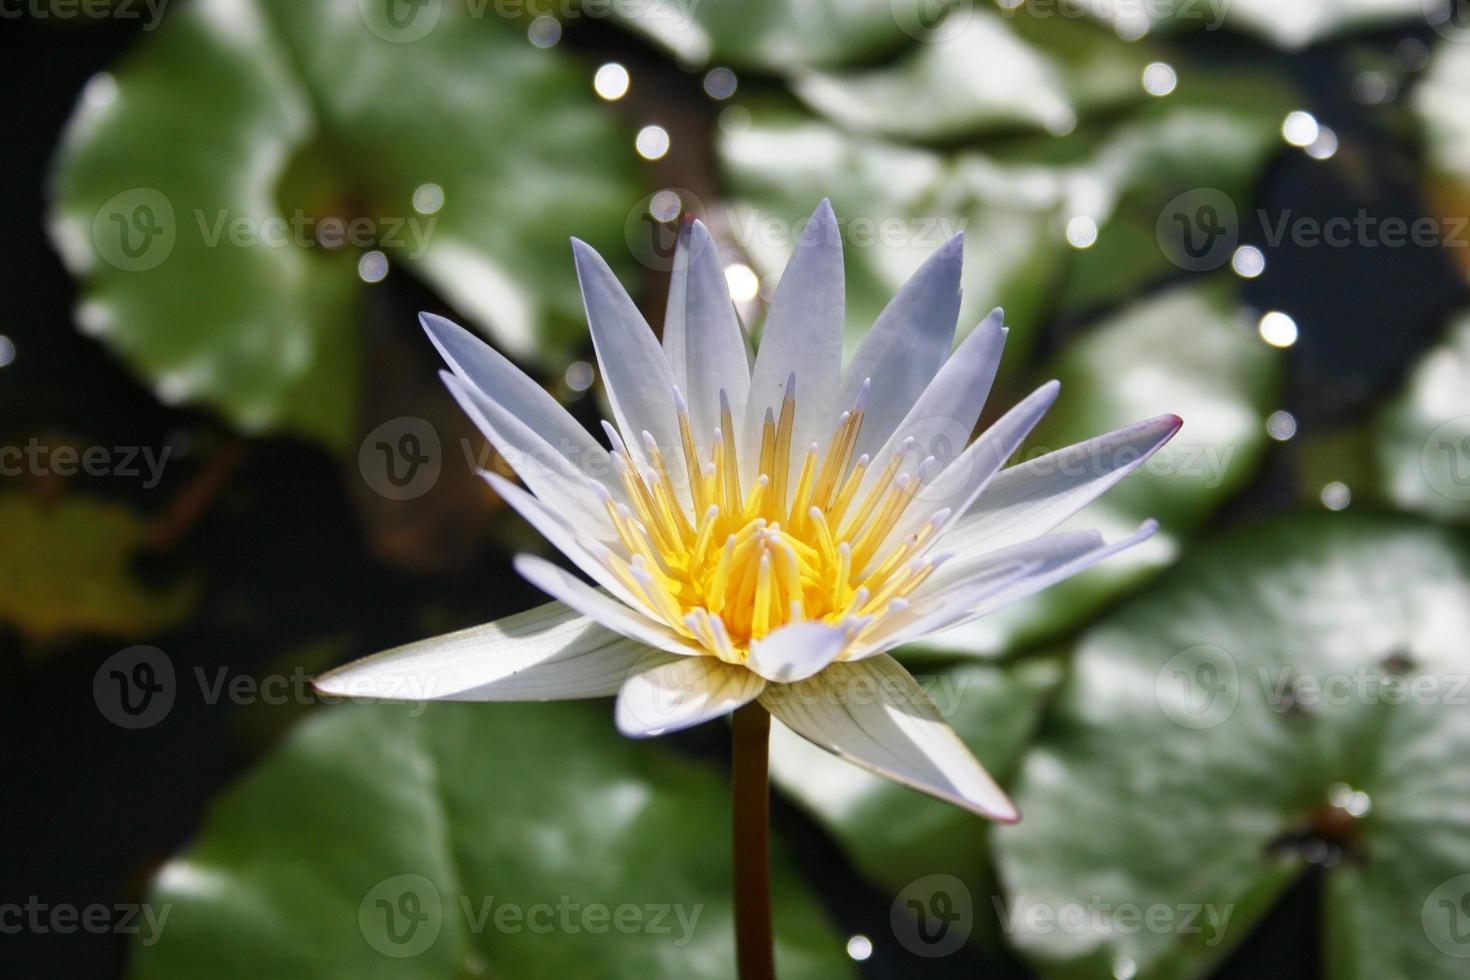 Seerosenblatt Kauai Blume foto